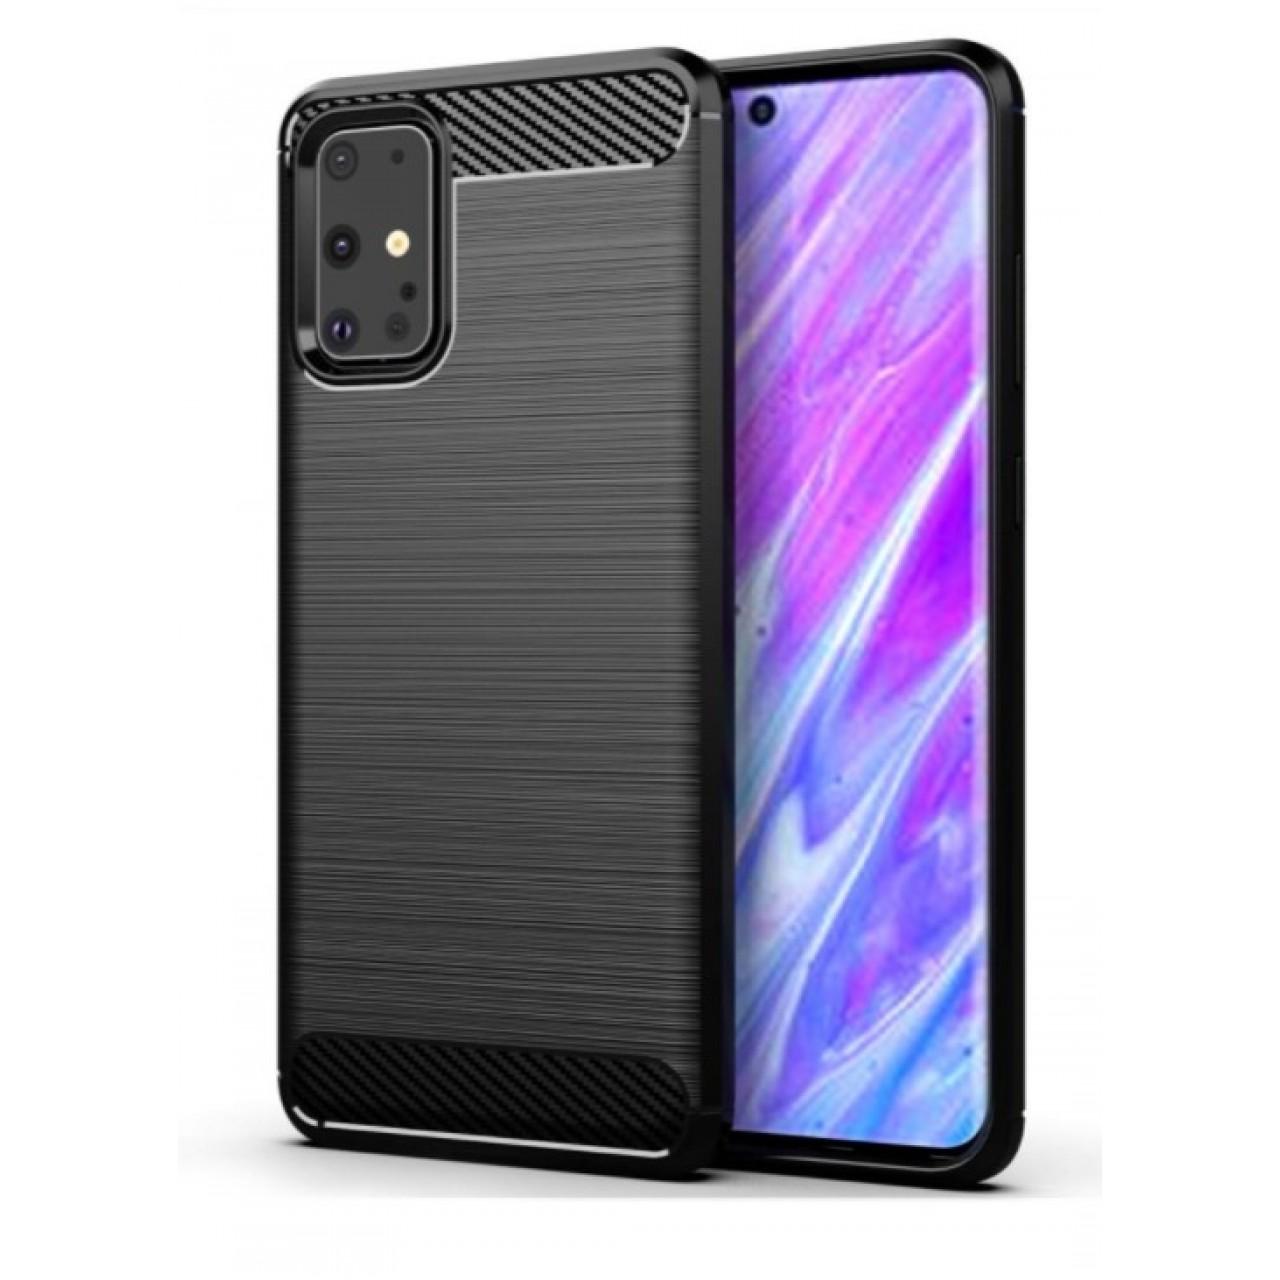 Θήκη Samsung Galaxy S20 PLUS σιλικόνης Carbon Case Flexible Cover TPU - 5098 - Μαύρο - ΟΕΜ